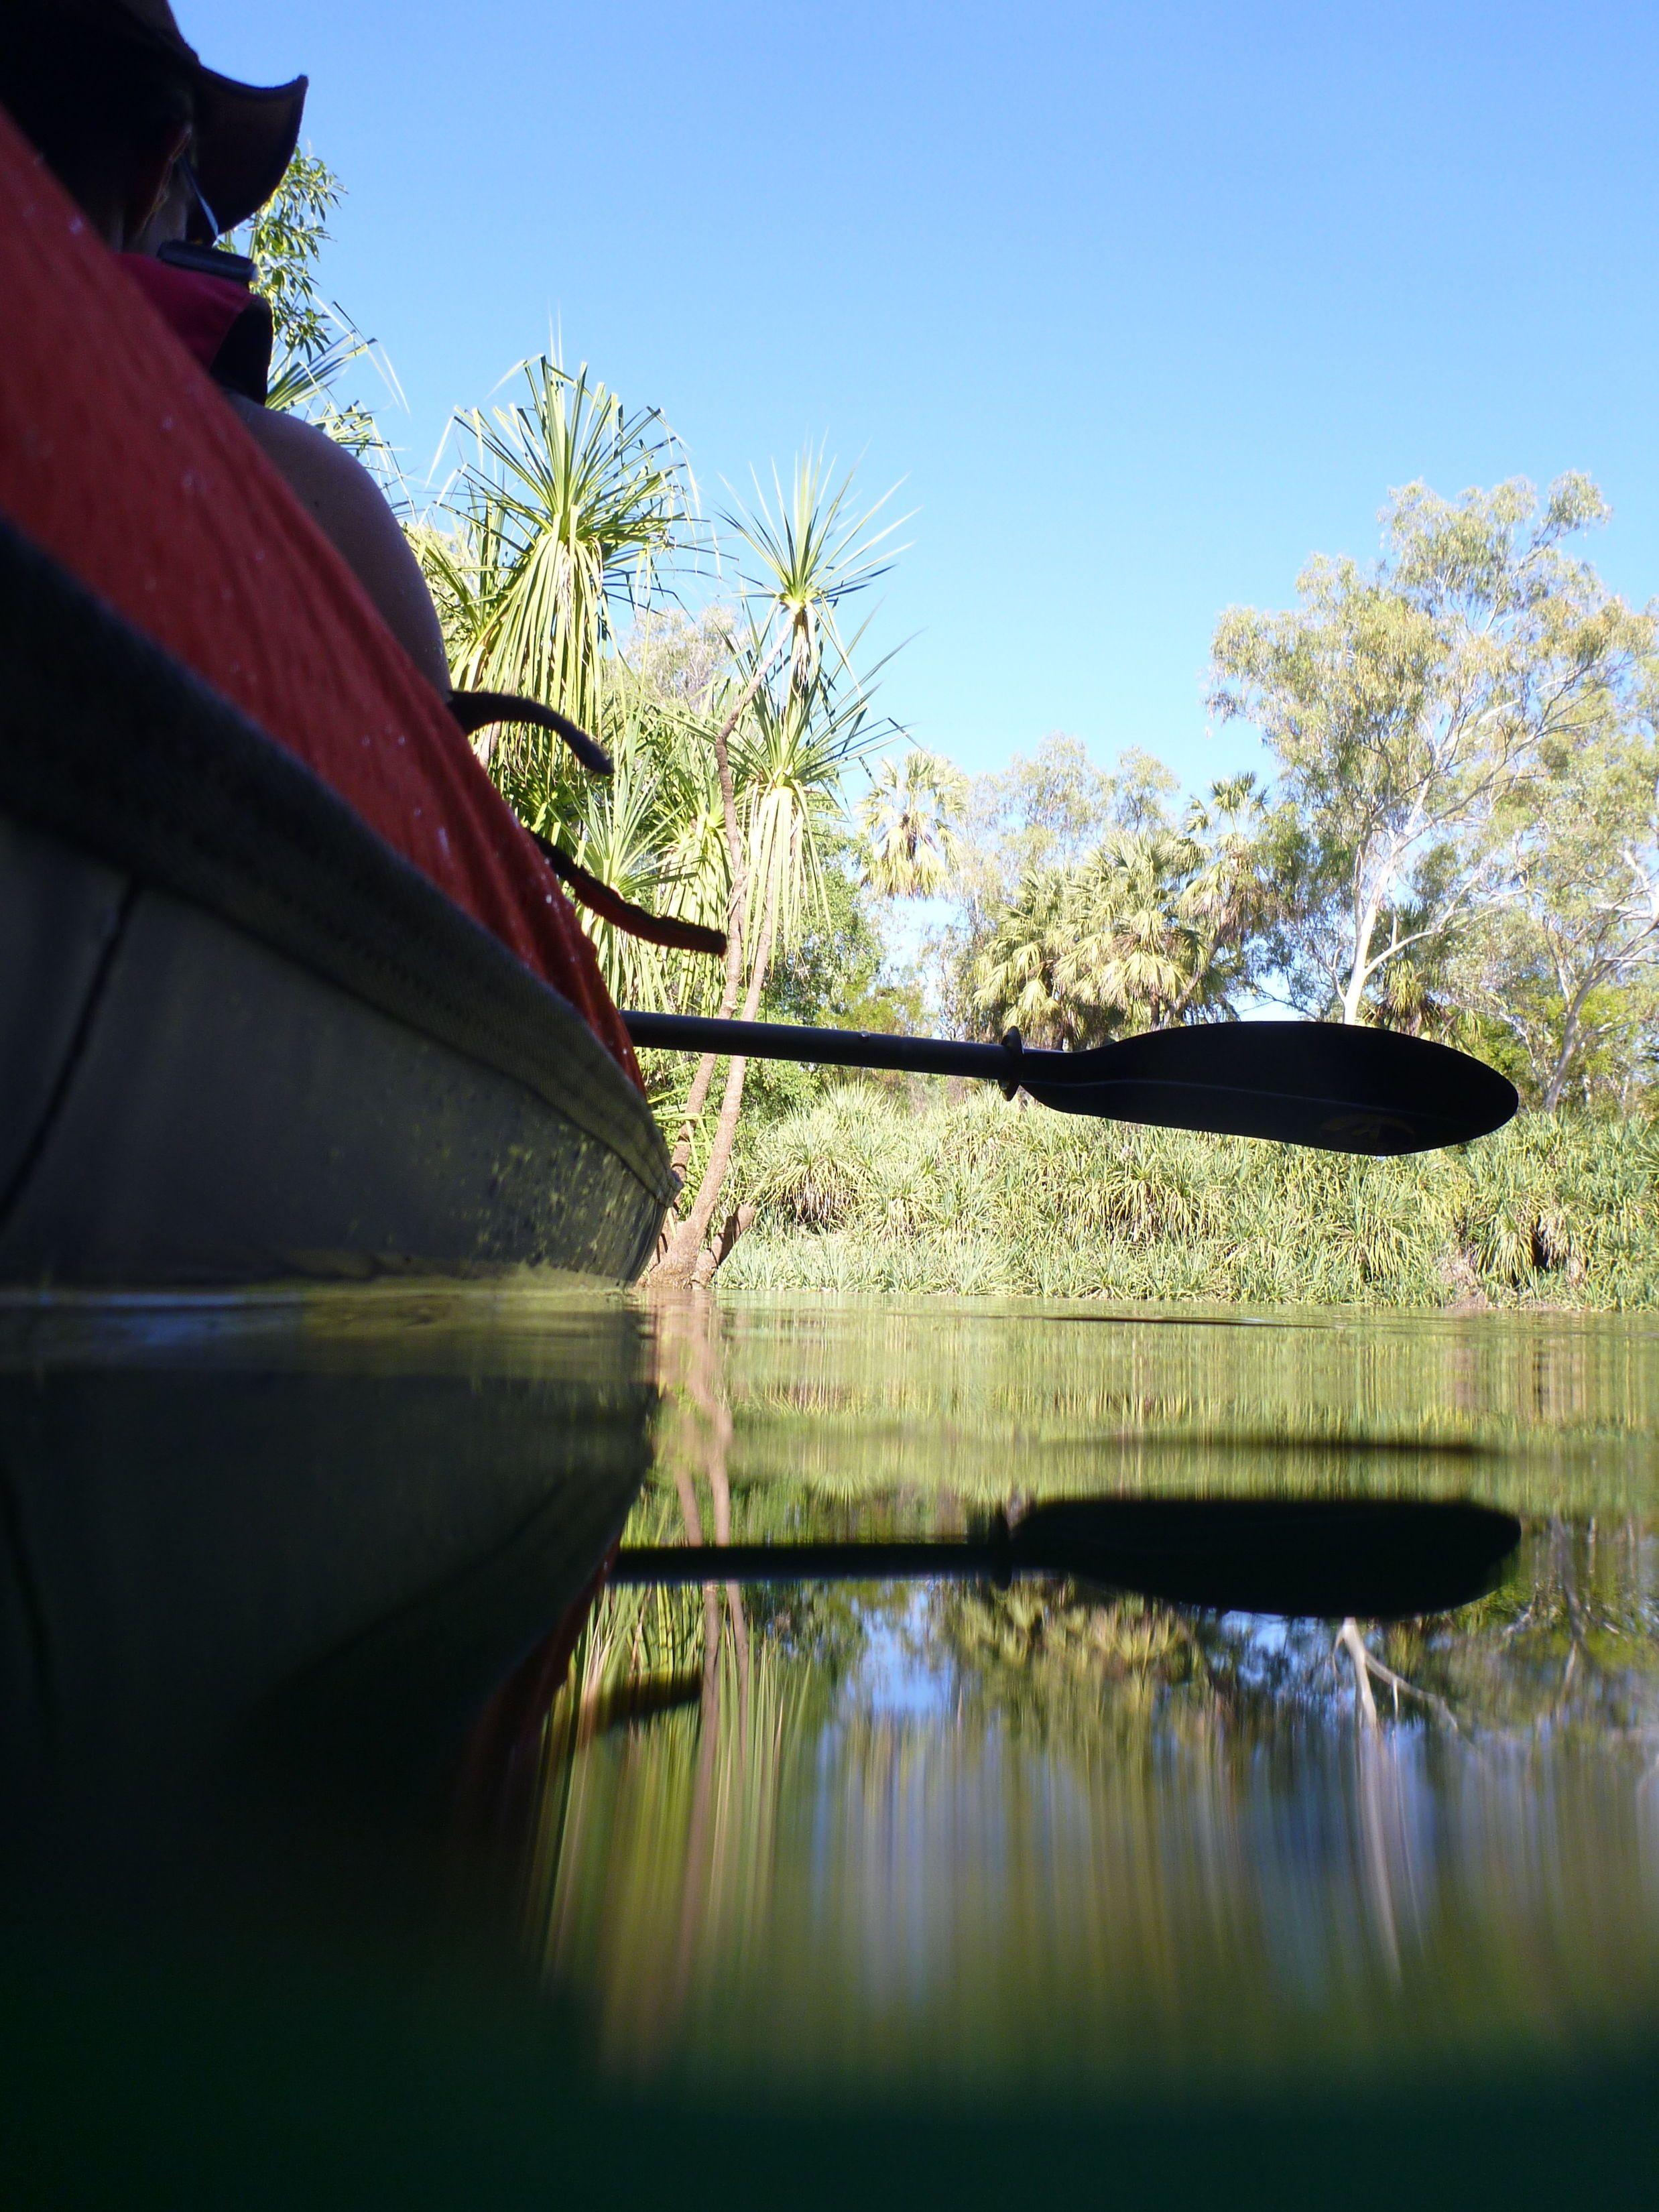 Kayaking Lawn Hill Creek Bodjamulla N P Kayaking Inflatable Kayak Lawn